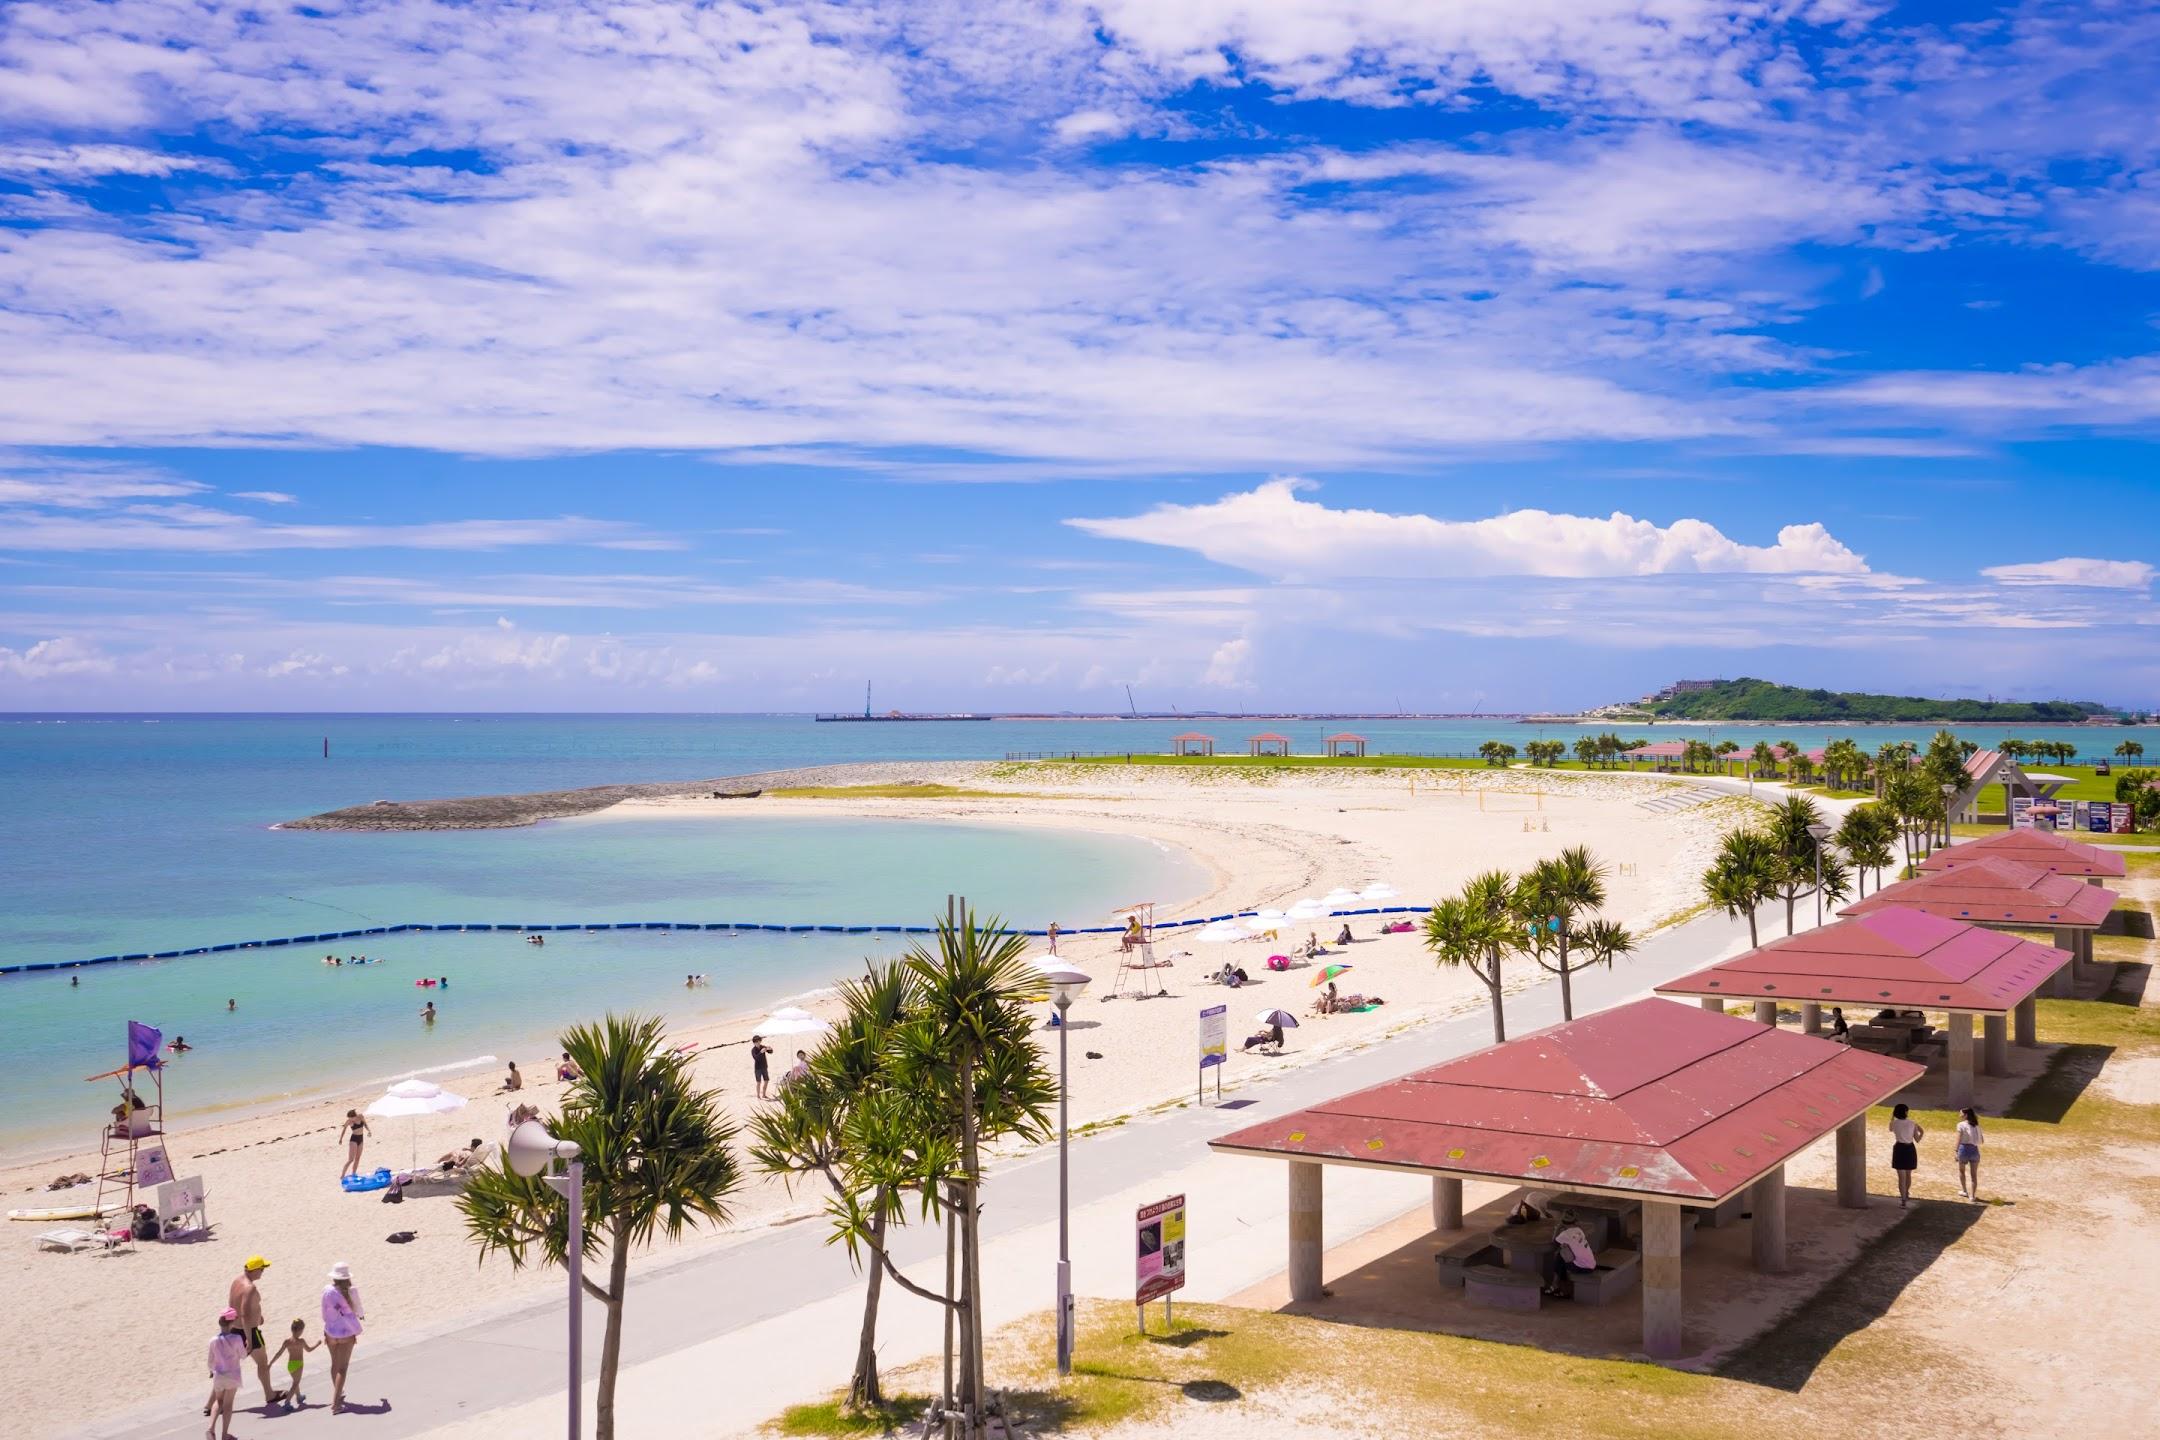 沖縄 美らSUNビーチ3